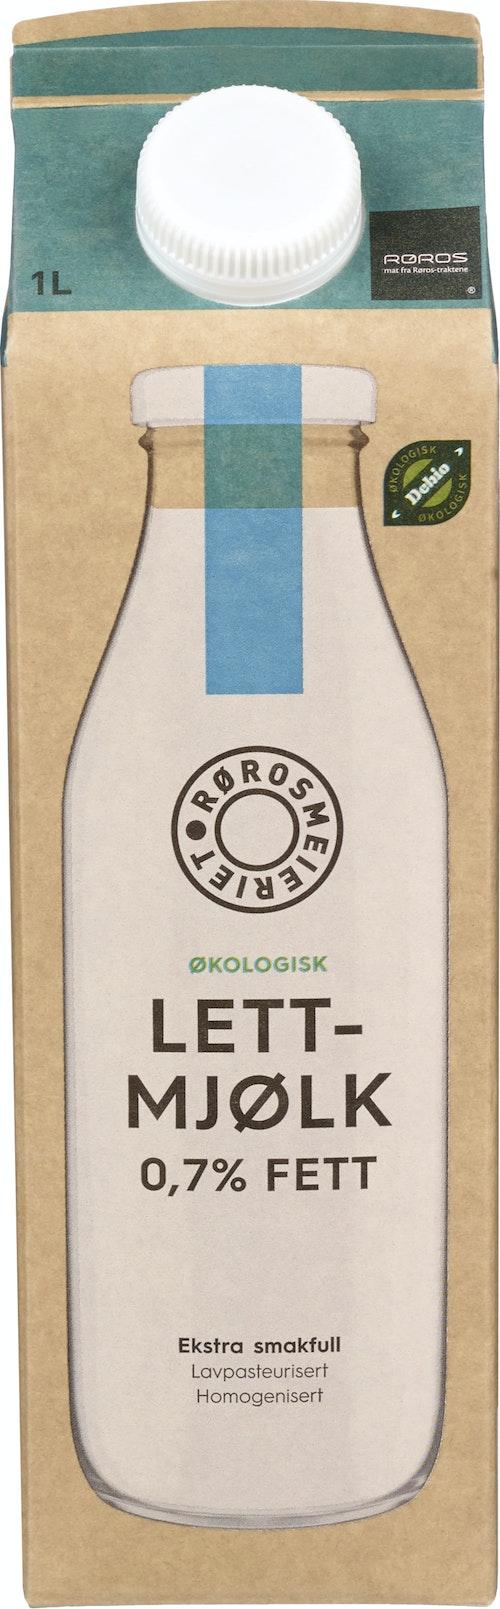 Rørosmeieriet Rørosmjølk Økologisk 0,7% Fett, 1 l